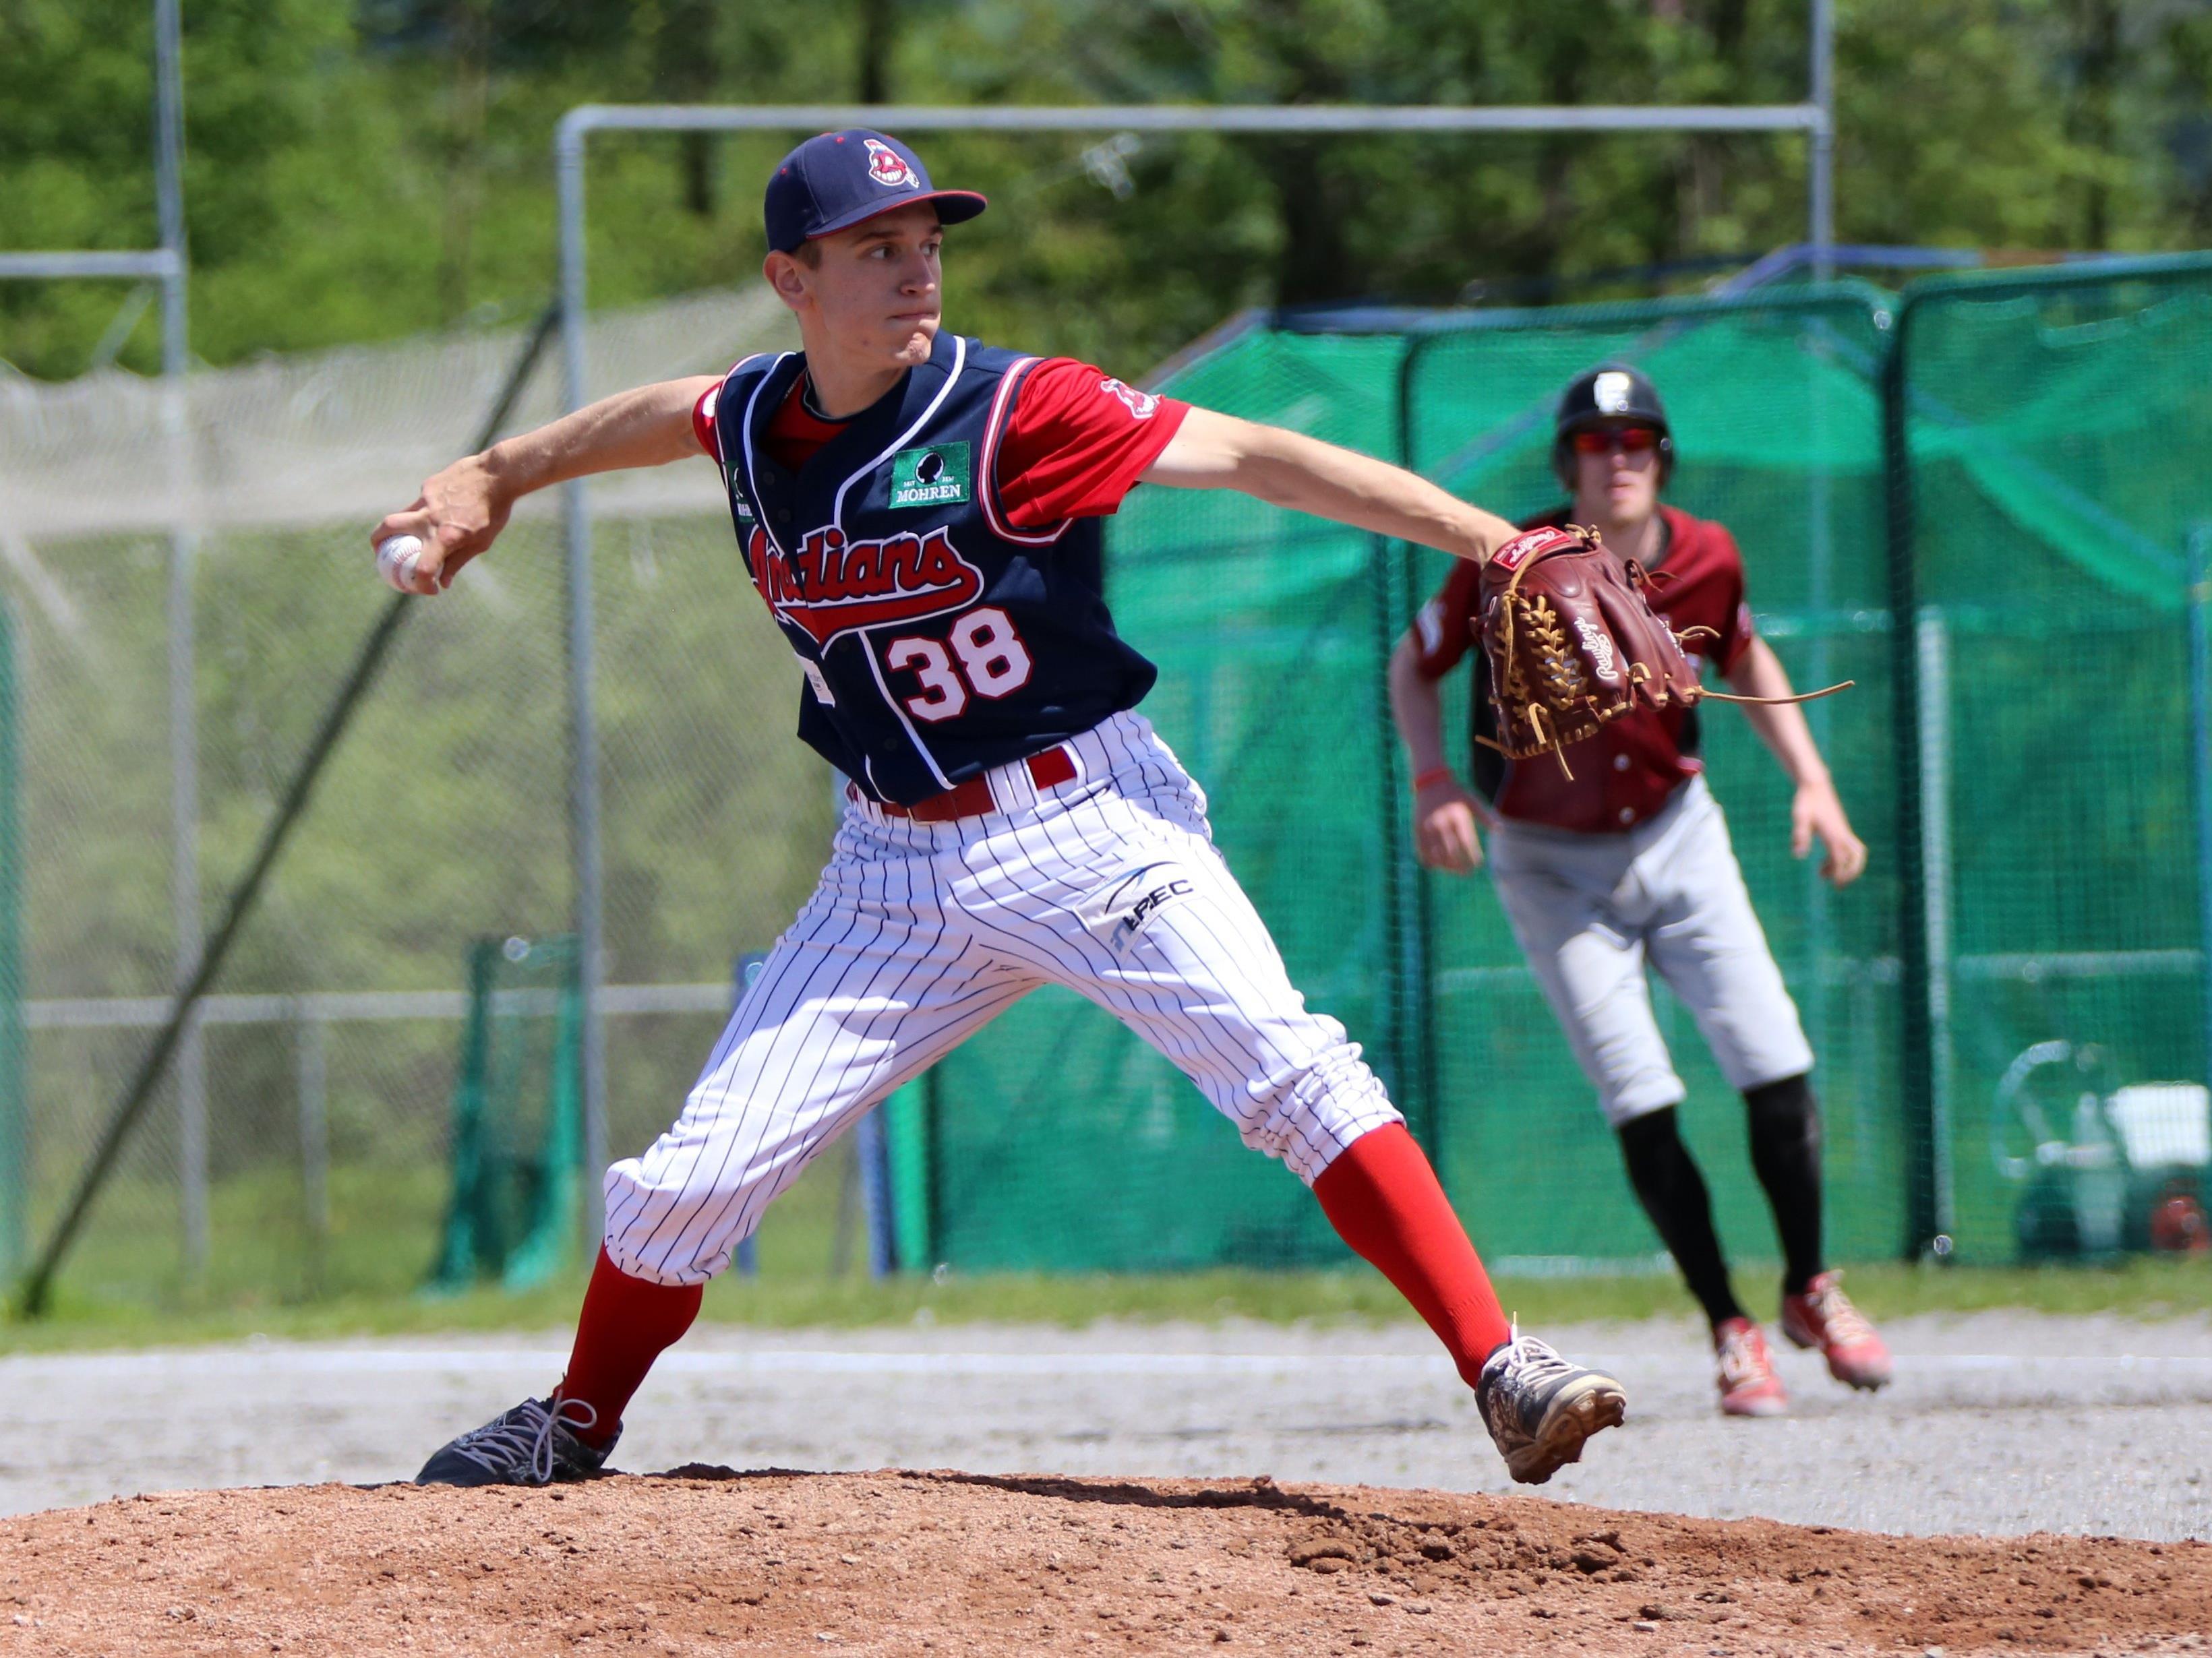 Alex Lambauer und sein Team zeigten beim ersten Baseball-Derby wieder eine hervorragende Leistung.